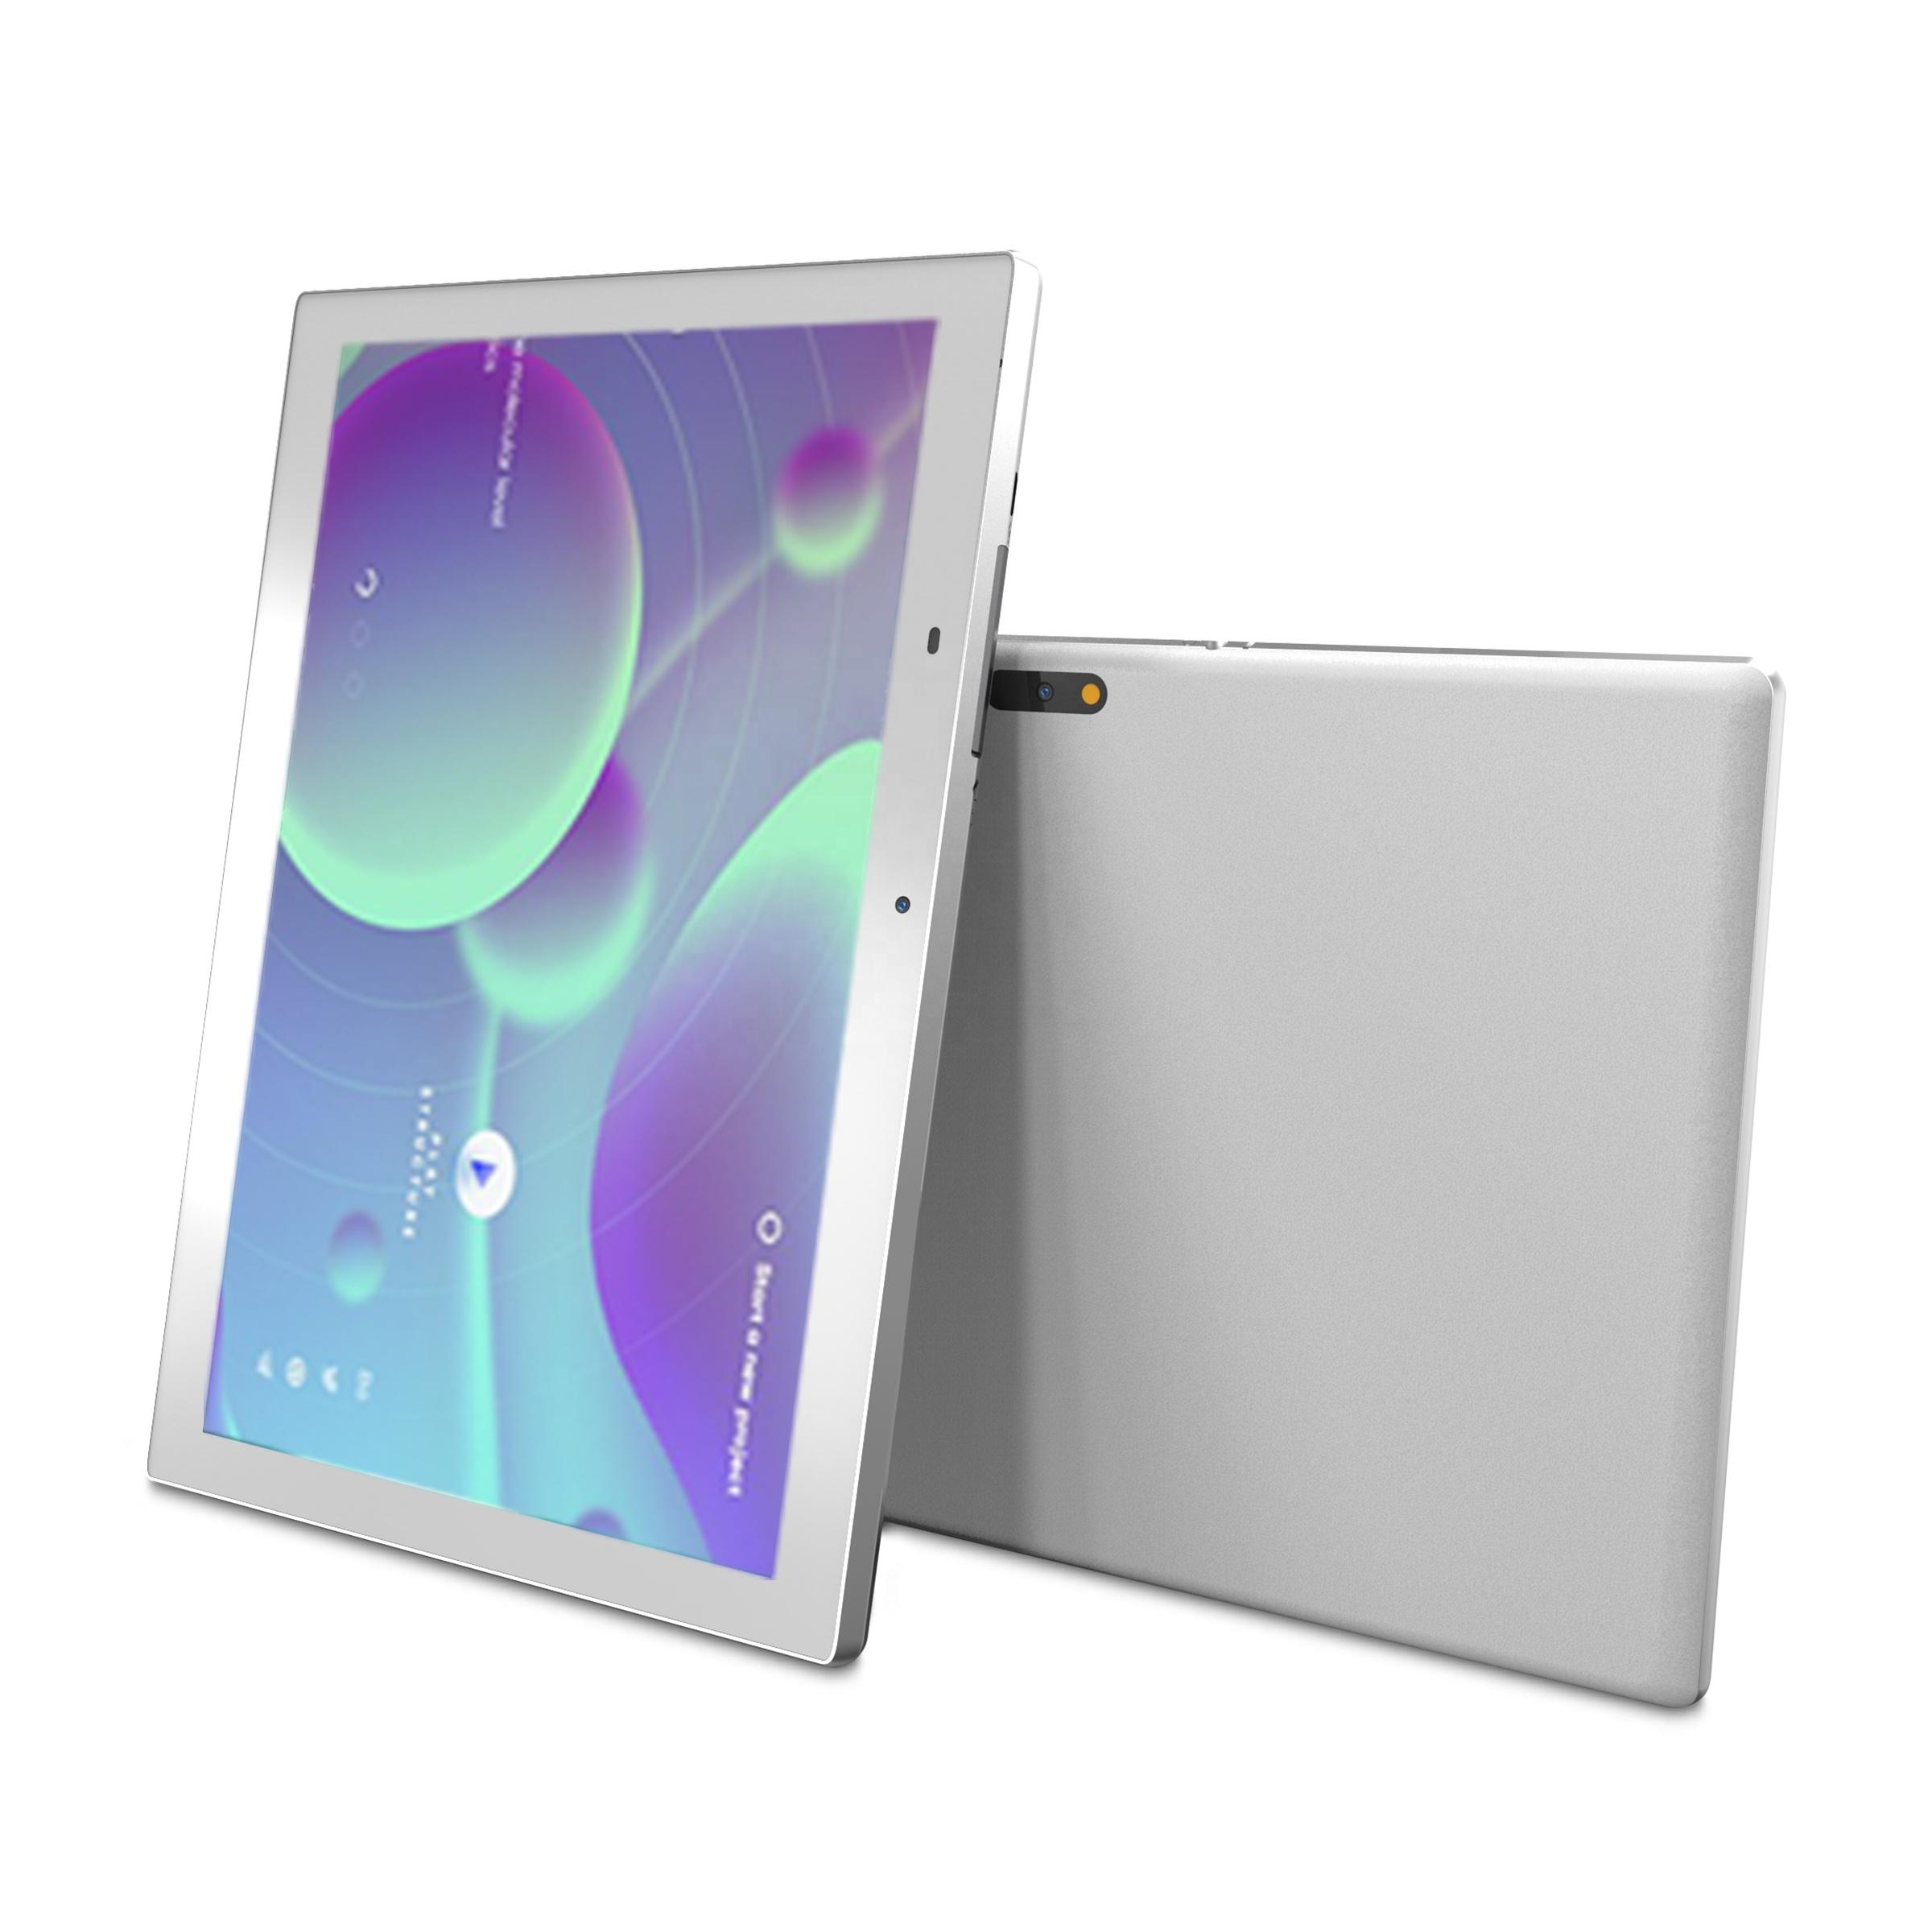 2019 lenov0デザインシリーズタブレットオクタコア4g新しいハイエンドandroidタブレット10.1インチ4g lteウルトラスリムandroid 9.0タブレットpc